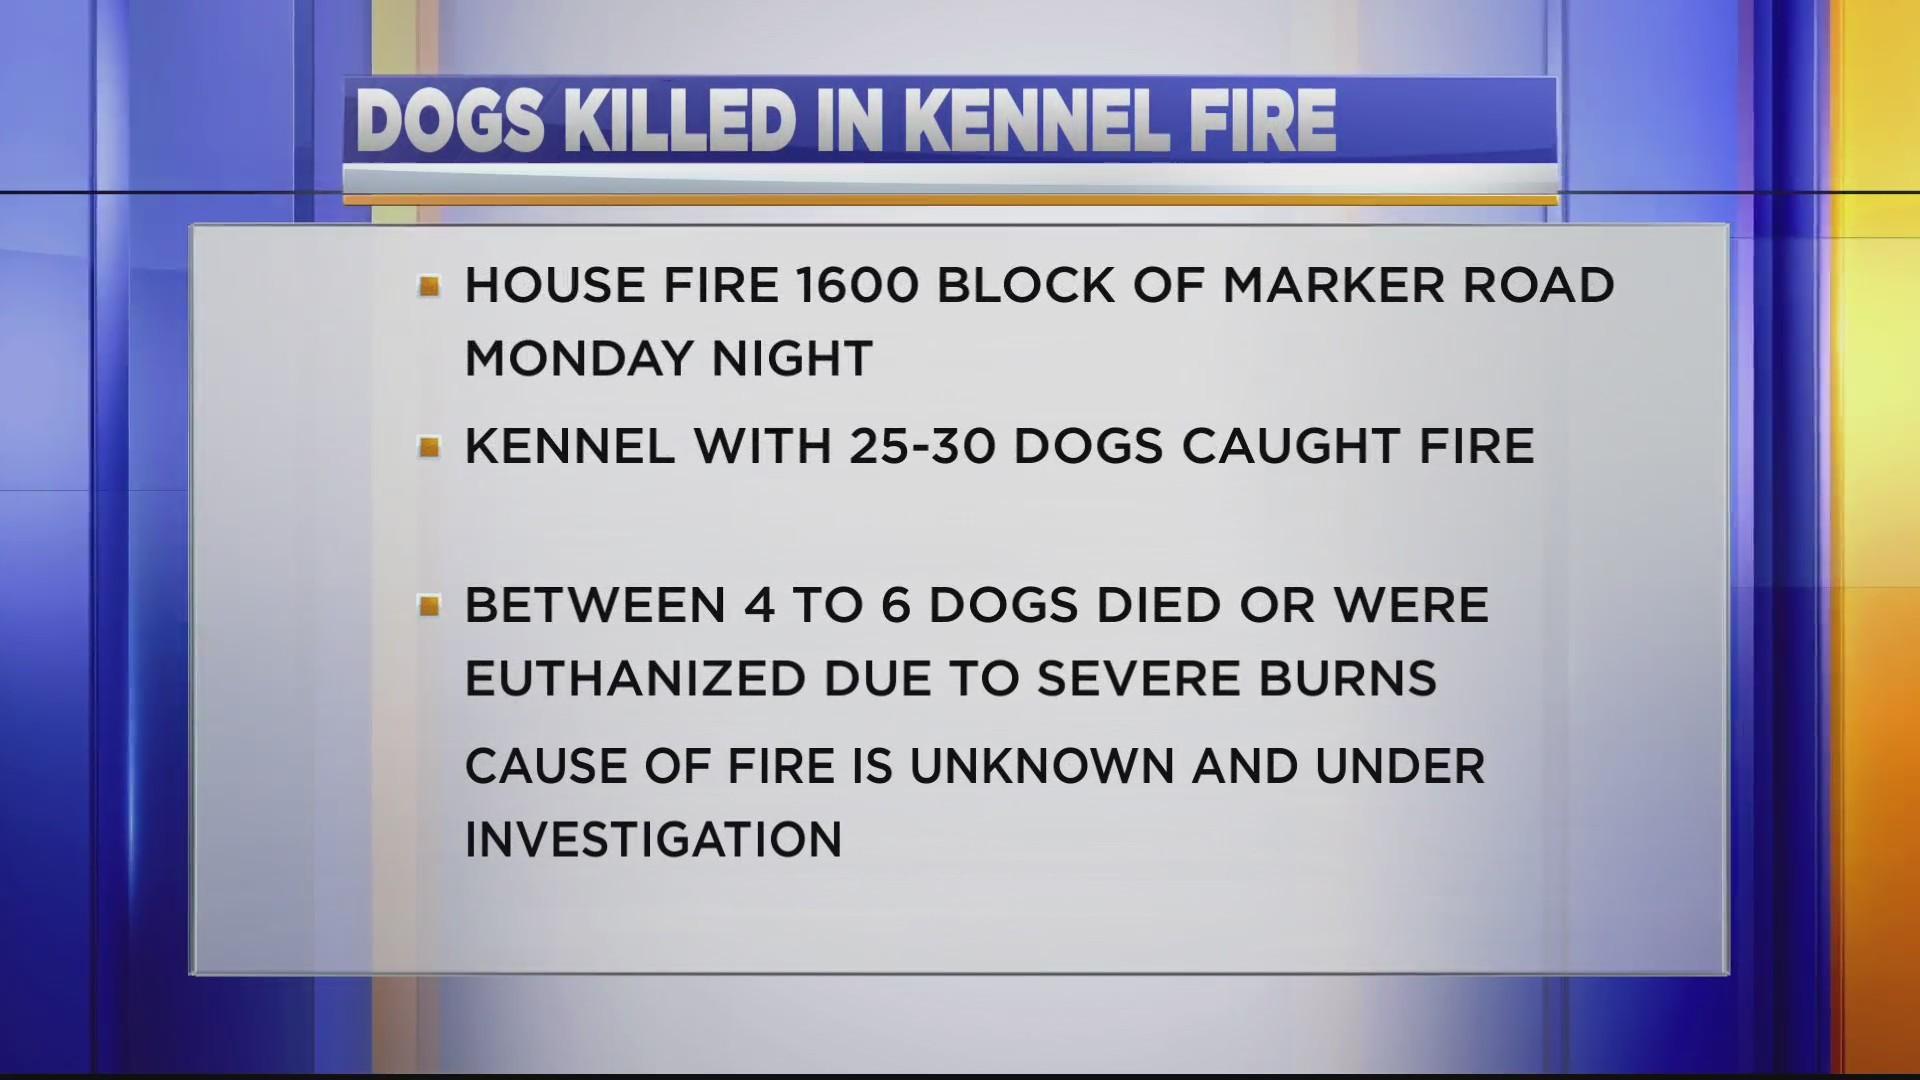 Kennel fire